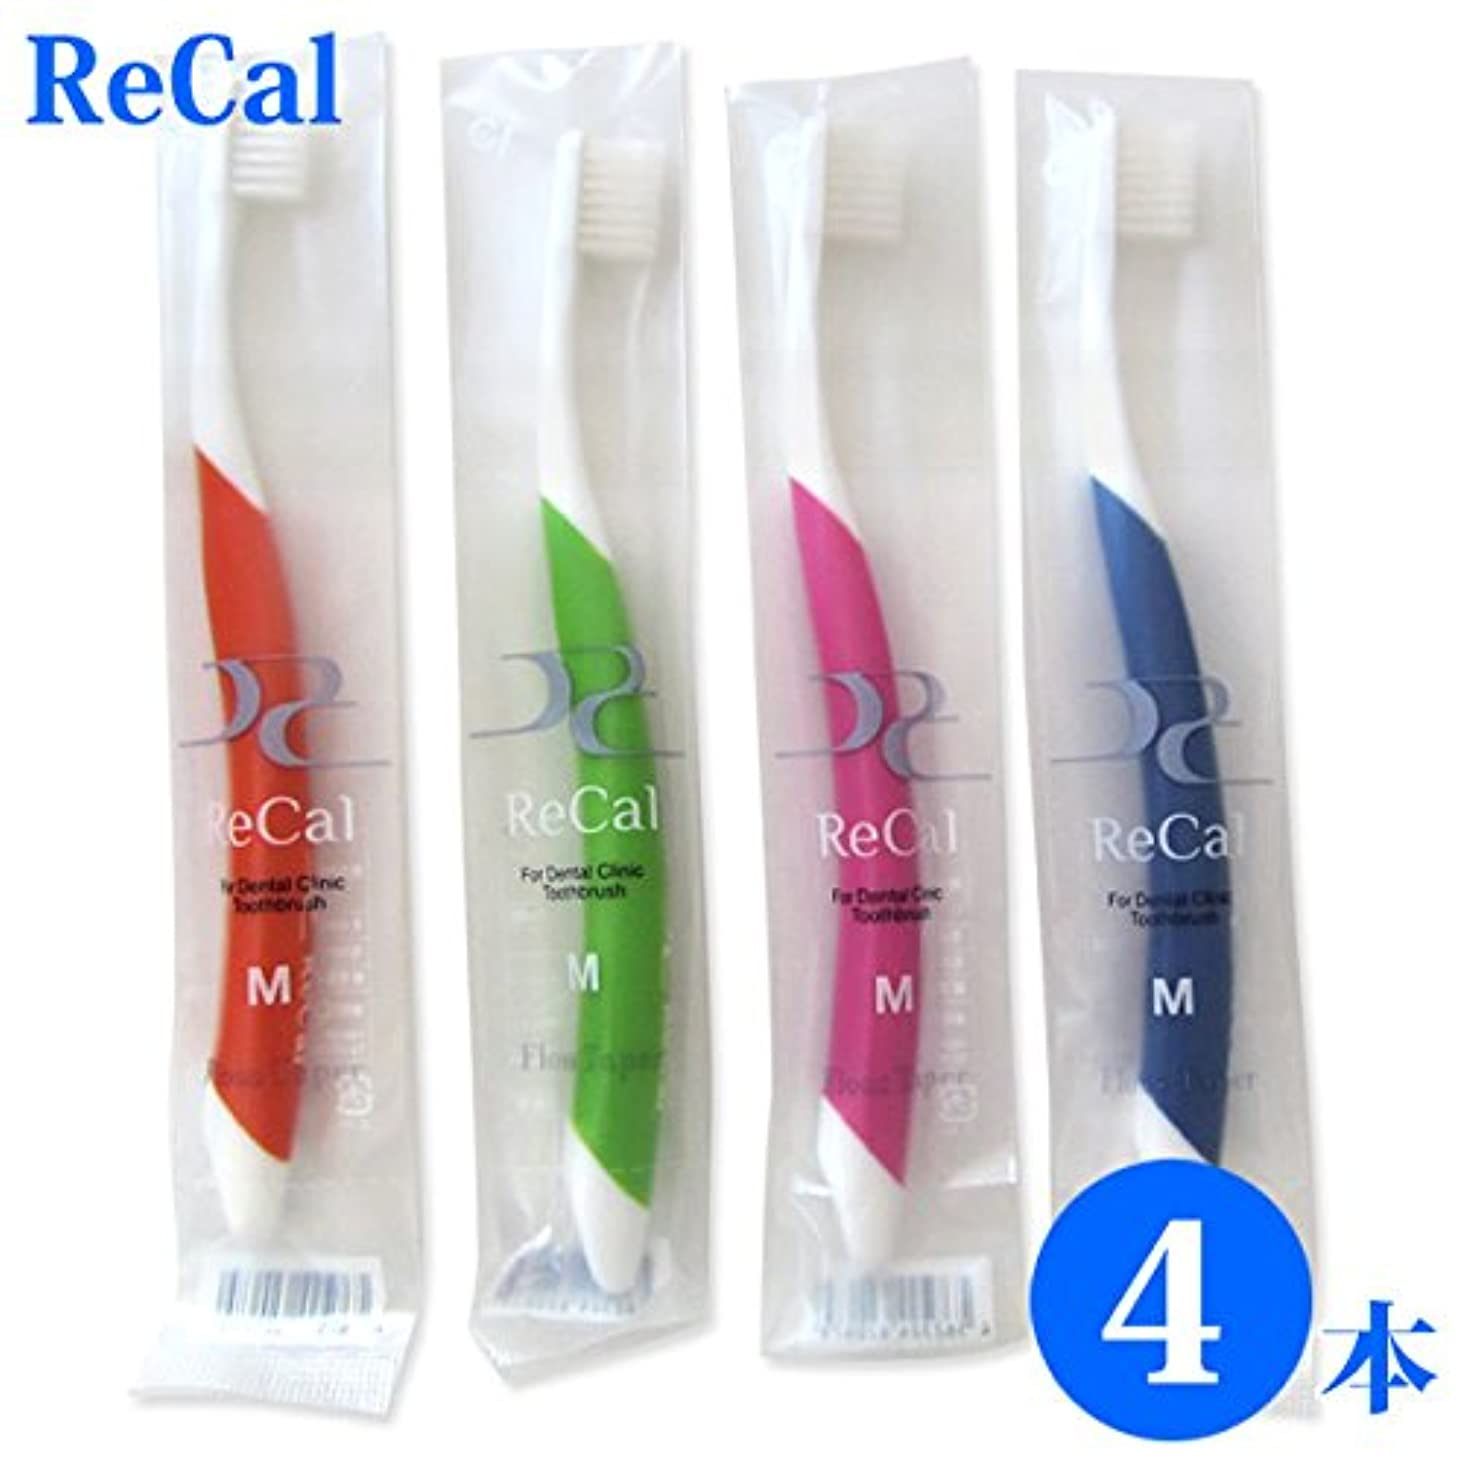 花嫁仲人鋼リカル 4色セット 歯科医院専用商品 ReCal リカル M 大人用 一般 歯ブラシ4本 場合20本ま